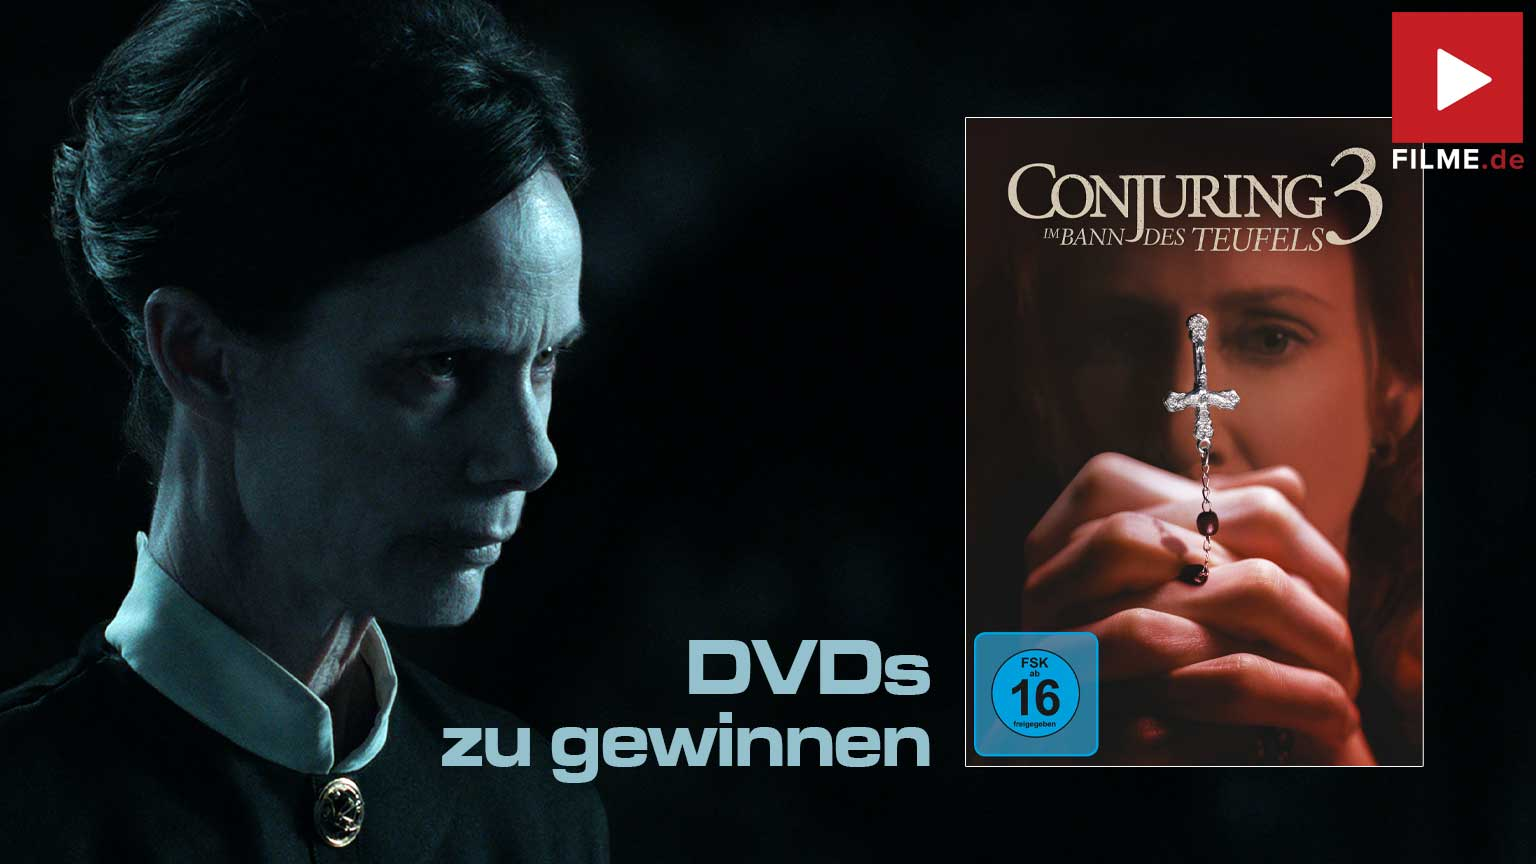 Conjuring 3: Im Bann des Teufels Gewinnspiel gewinnen DVD